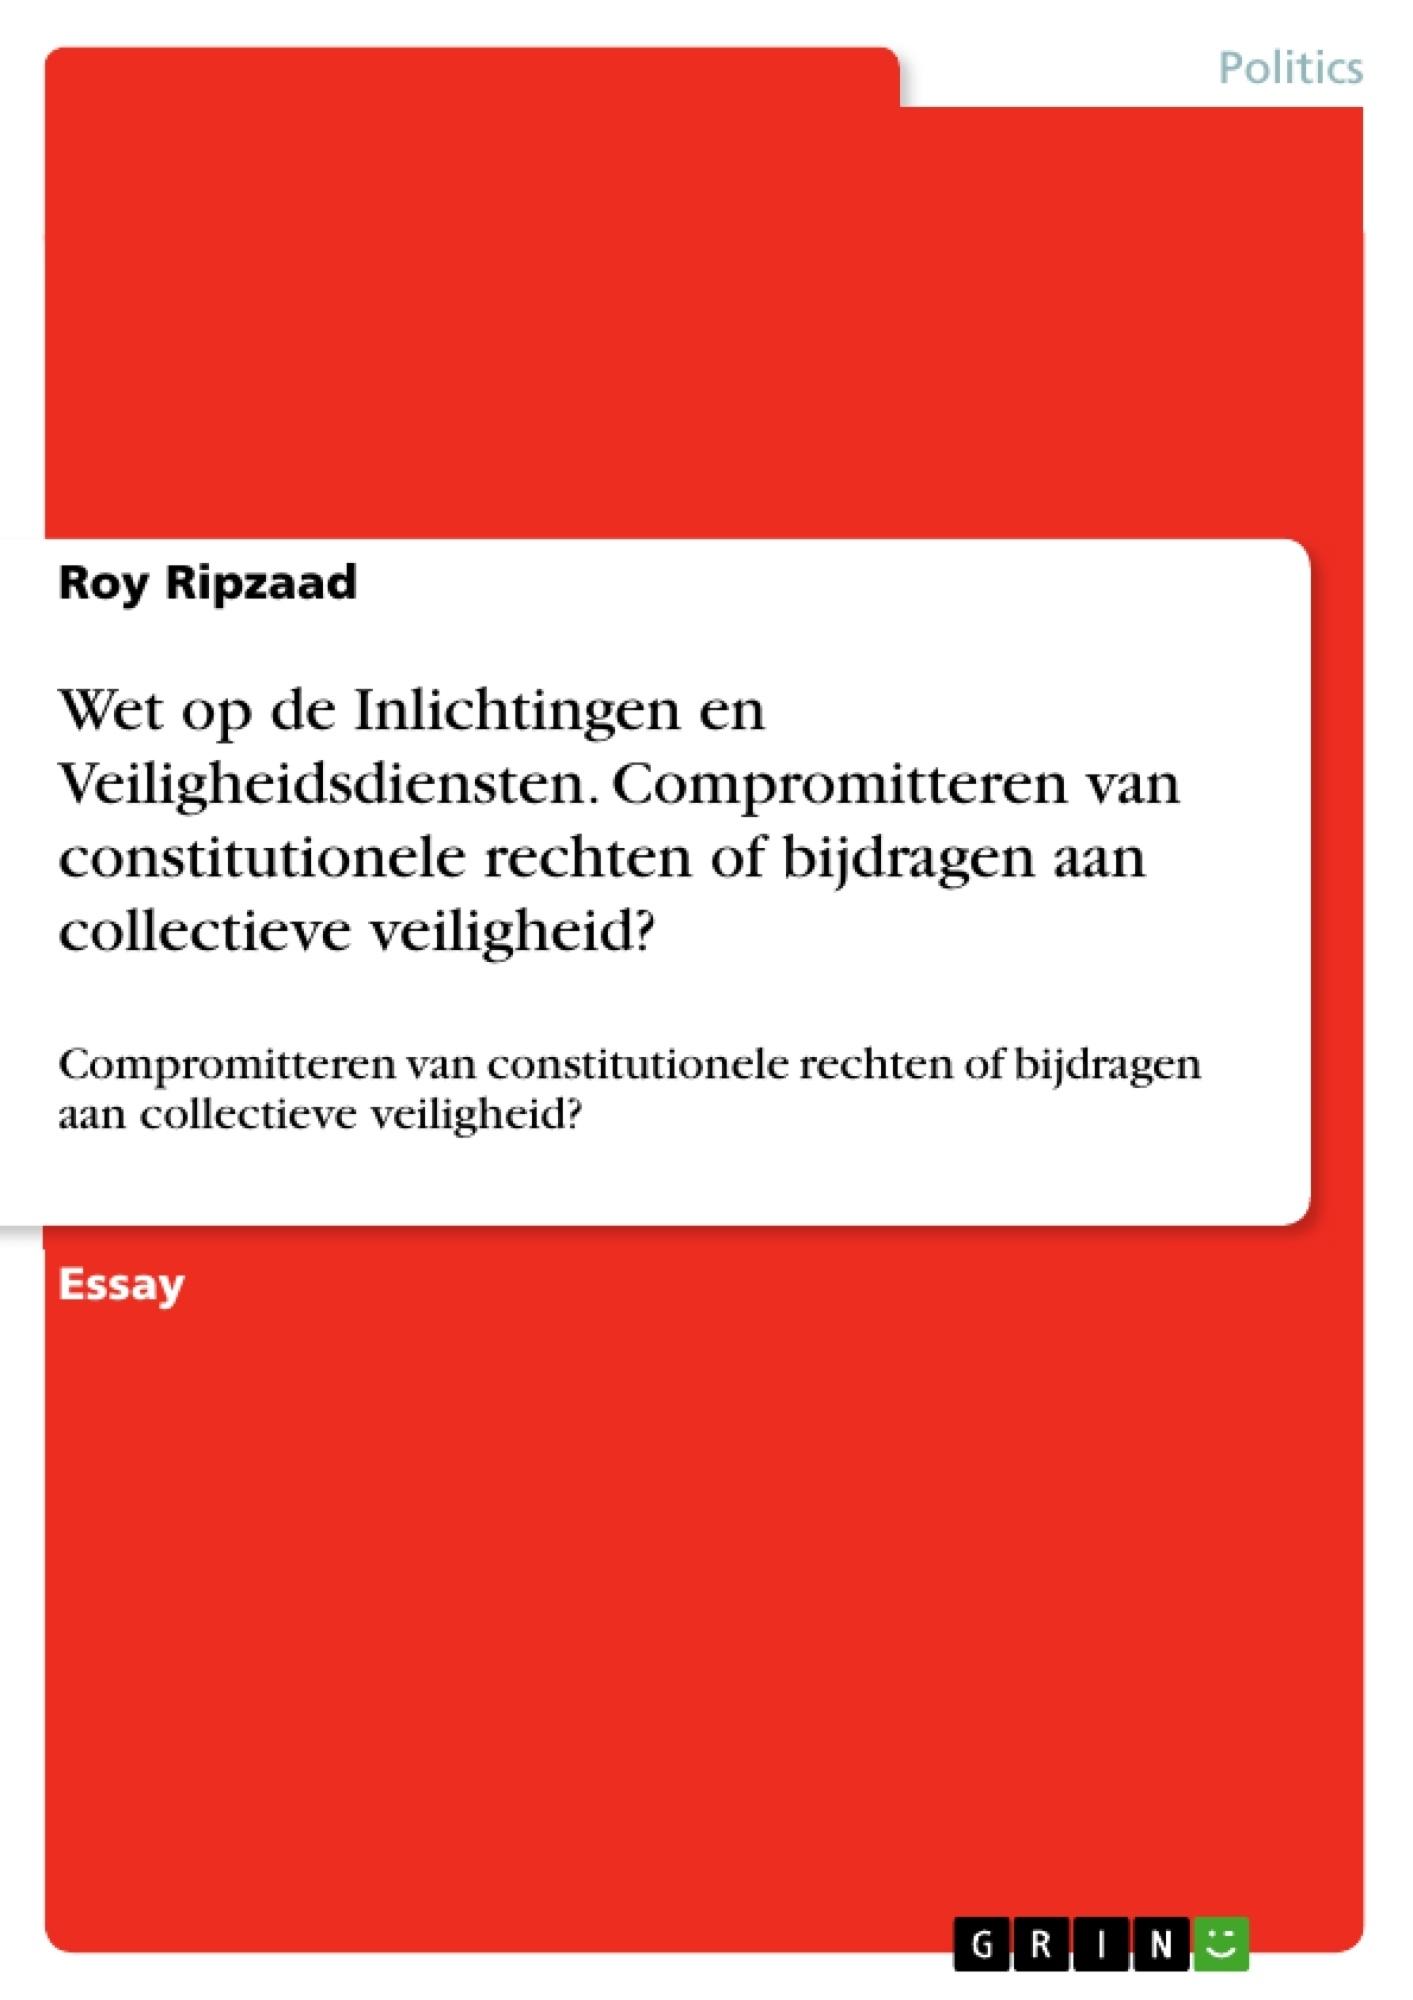 Title: Wet op de Inlichtingen en Veiligheidsdiensten. Compromitteren van constitutionele rechten of bijdragen aan collectieve veiligheid?